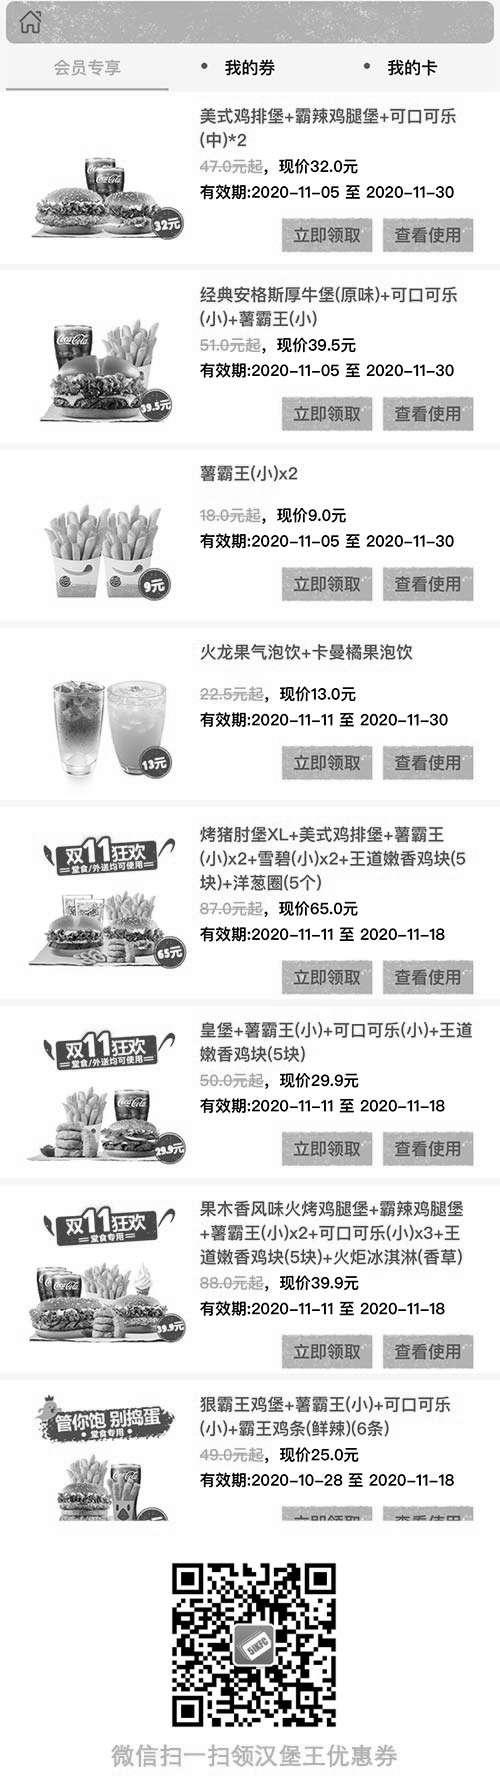 黑白优惠券图片:汉堡王2020年11月优惠券 双人套餐39.9元 小薯条2份9元 - www.5ikfc.com